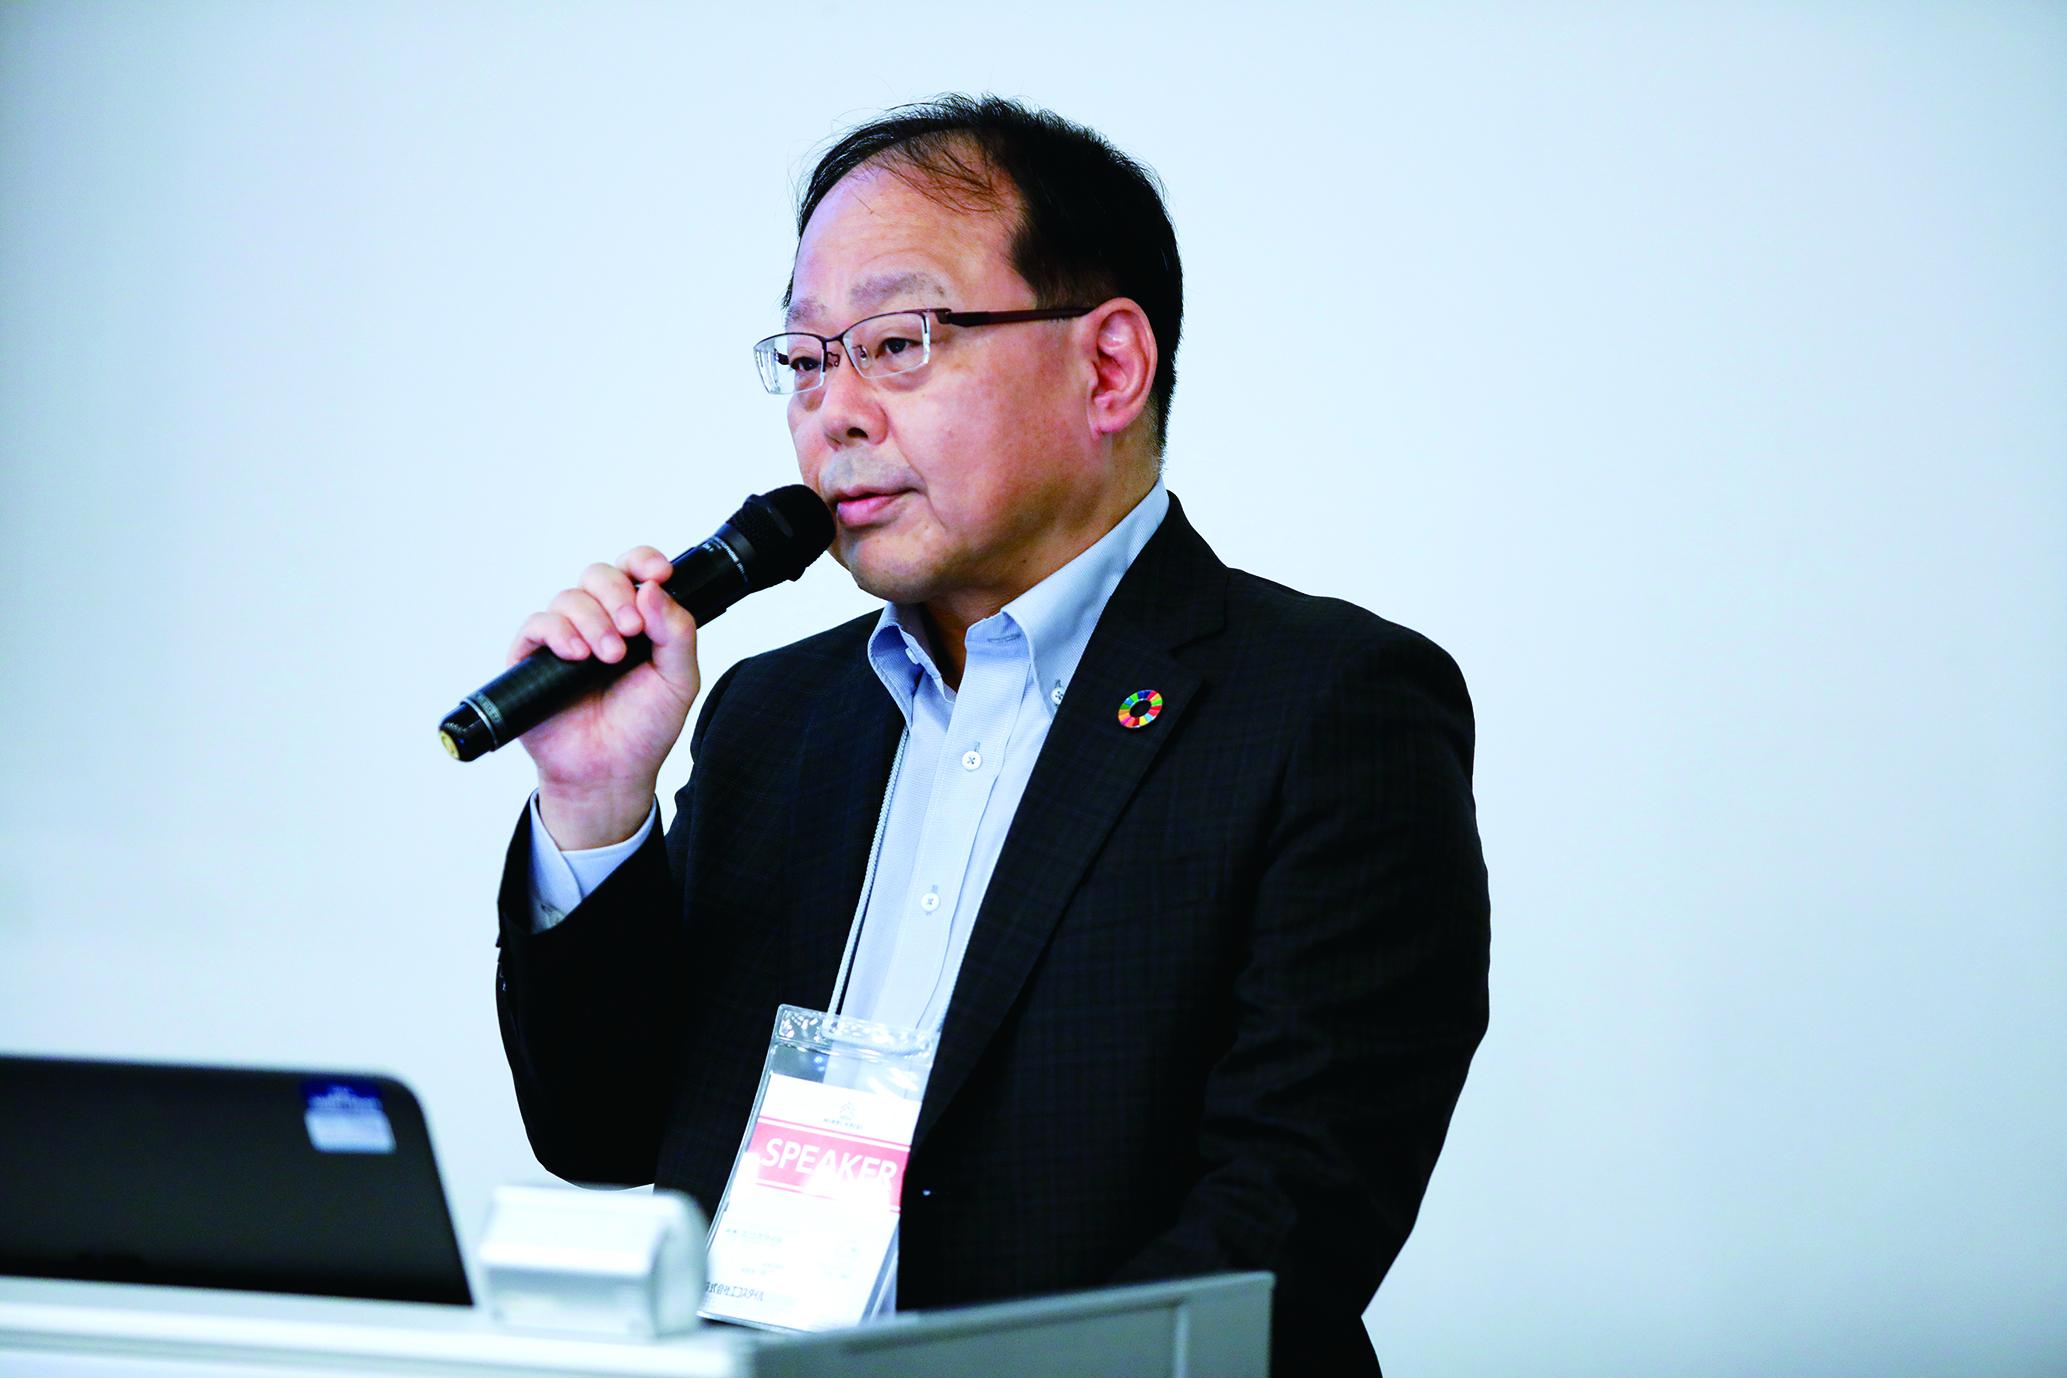 矢島昌樹 Masaki Yazima 株式会社エコスタイル 経営企画部 副部長